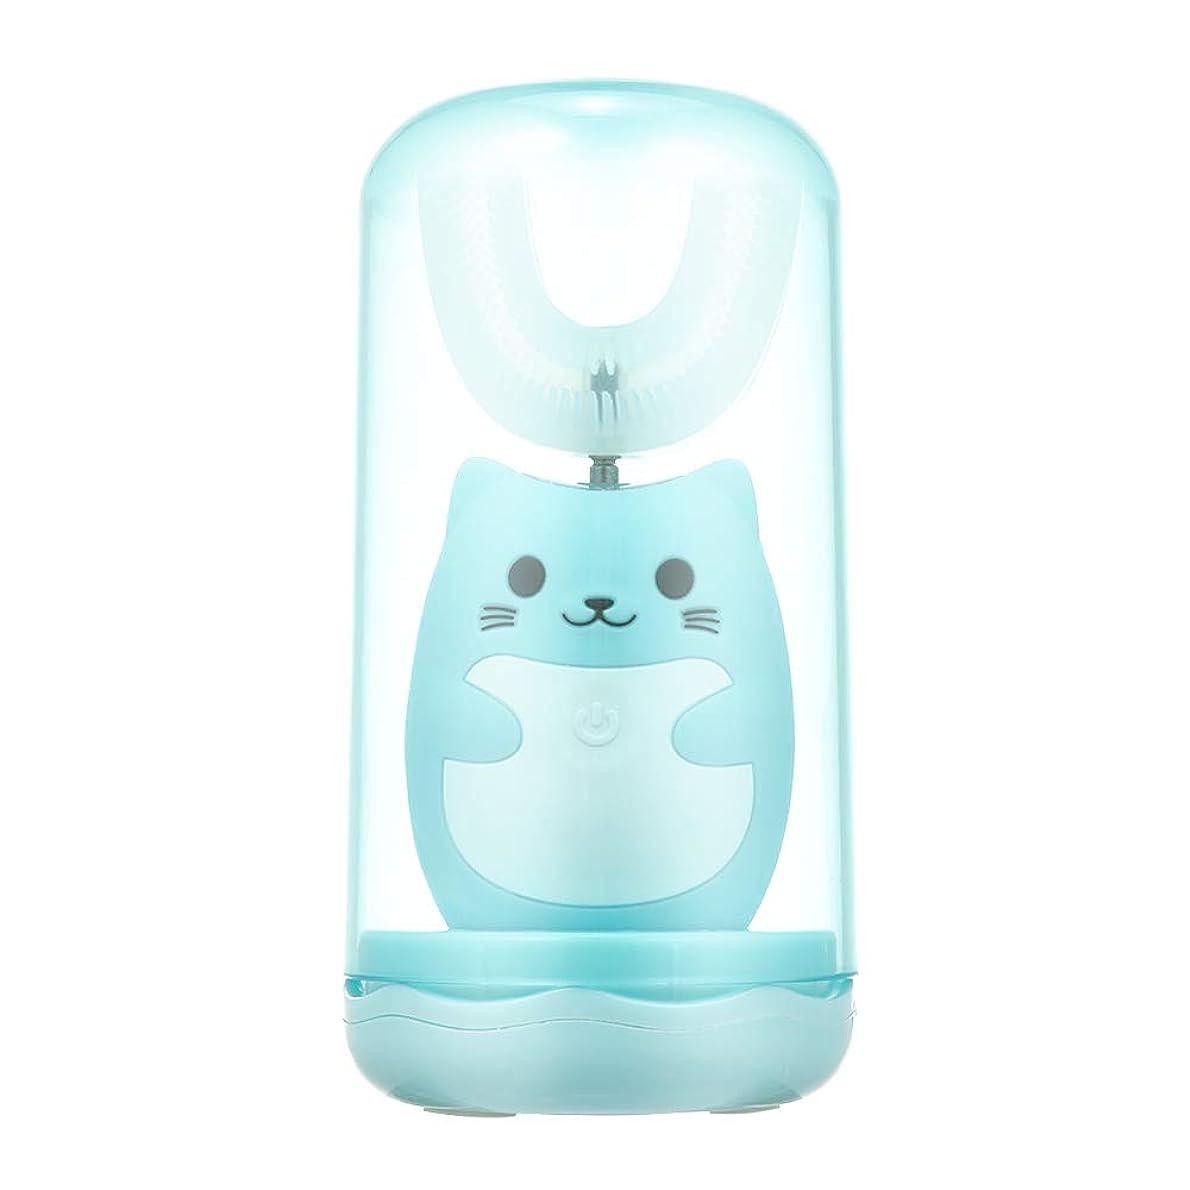 放置逸脱雇用者Decdeal 電動歯ブラシ 子供用 U型 充電式 歯ブラシ 3つモード 防水 幼児 子供